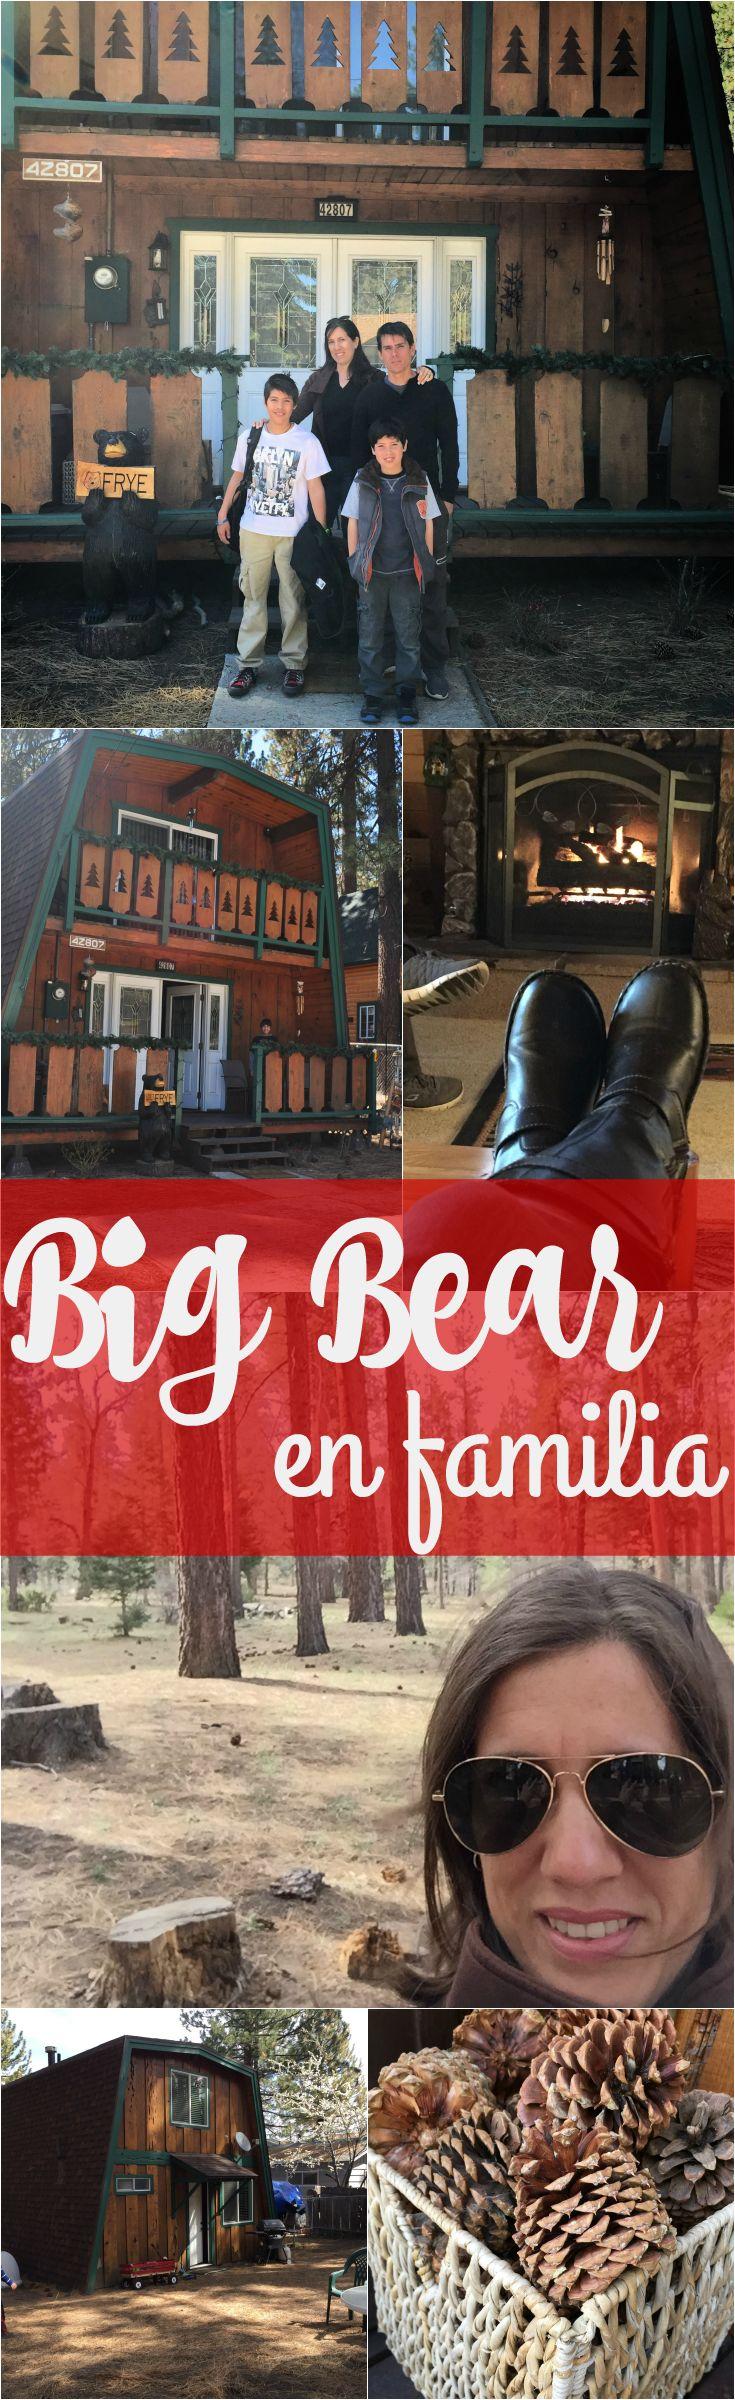 De vacaciones en Big Bear, California con VRBO     Travel Blogger | Viajes | Turismo | Viajes en carretera |